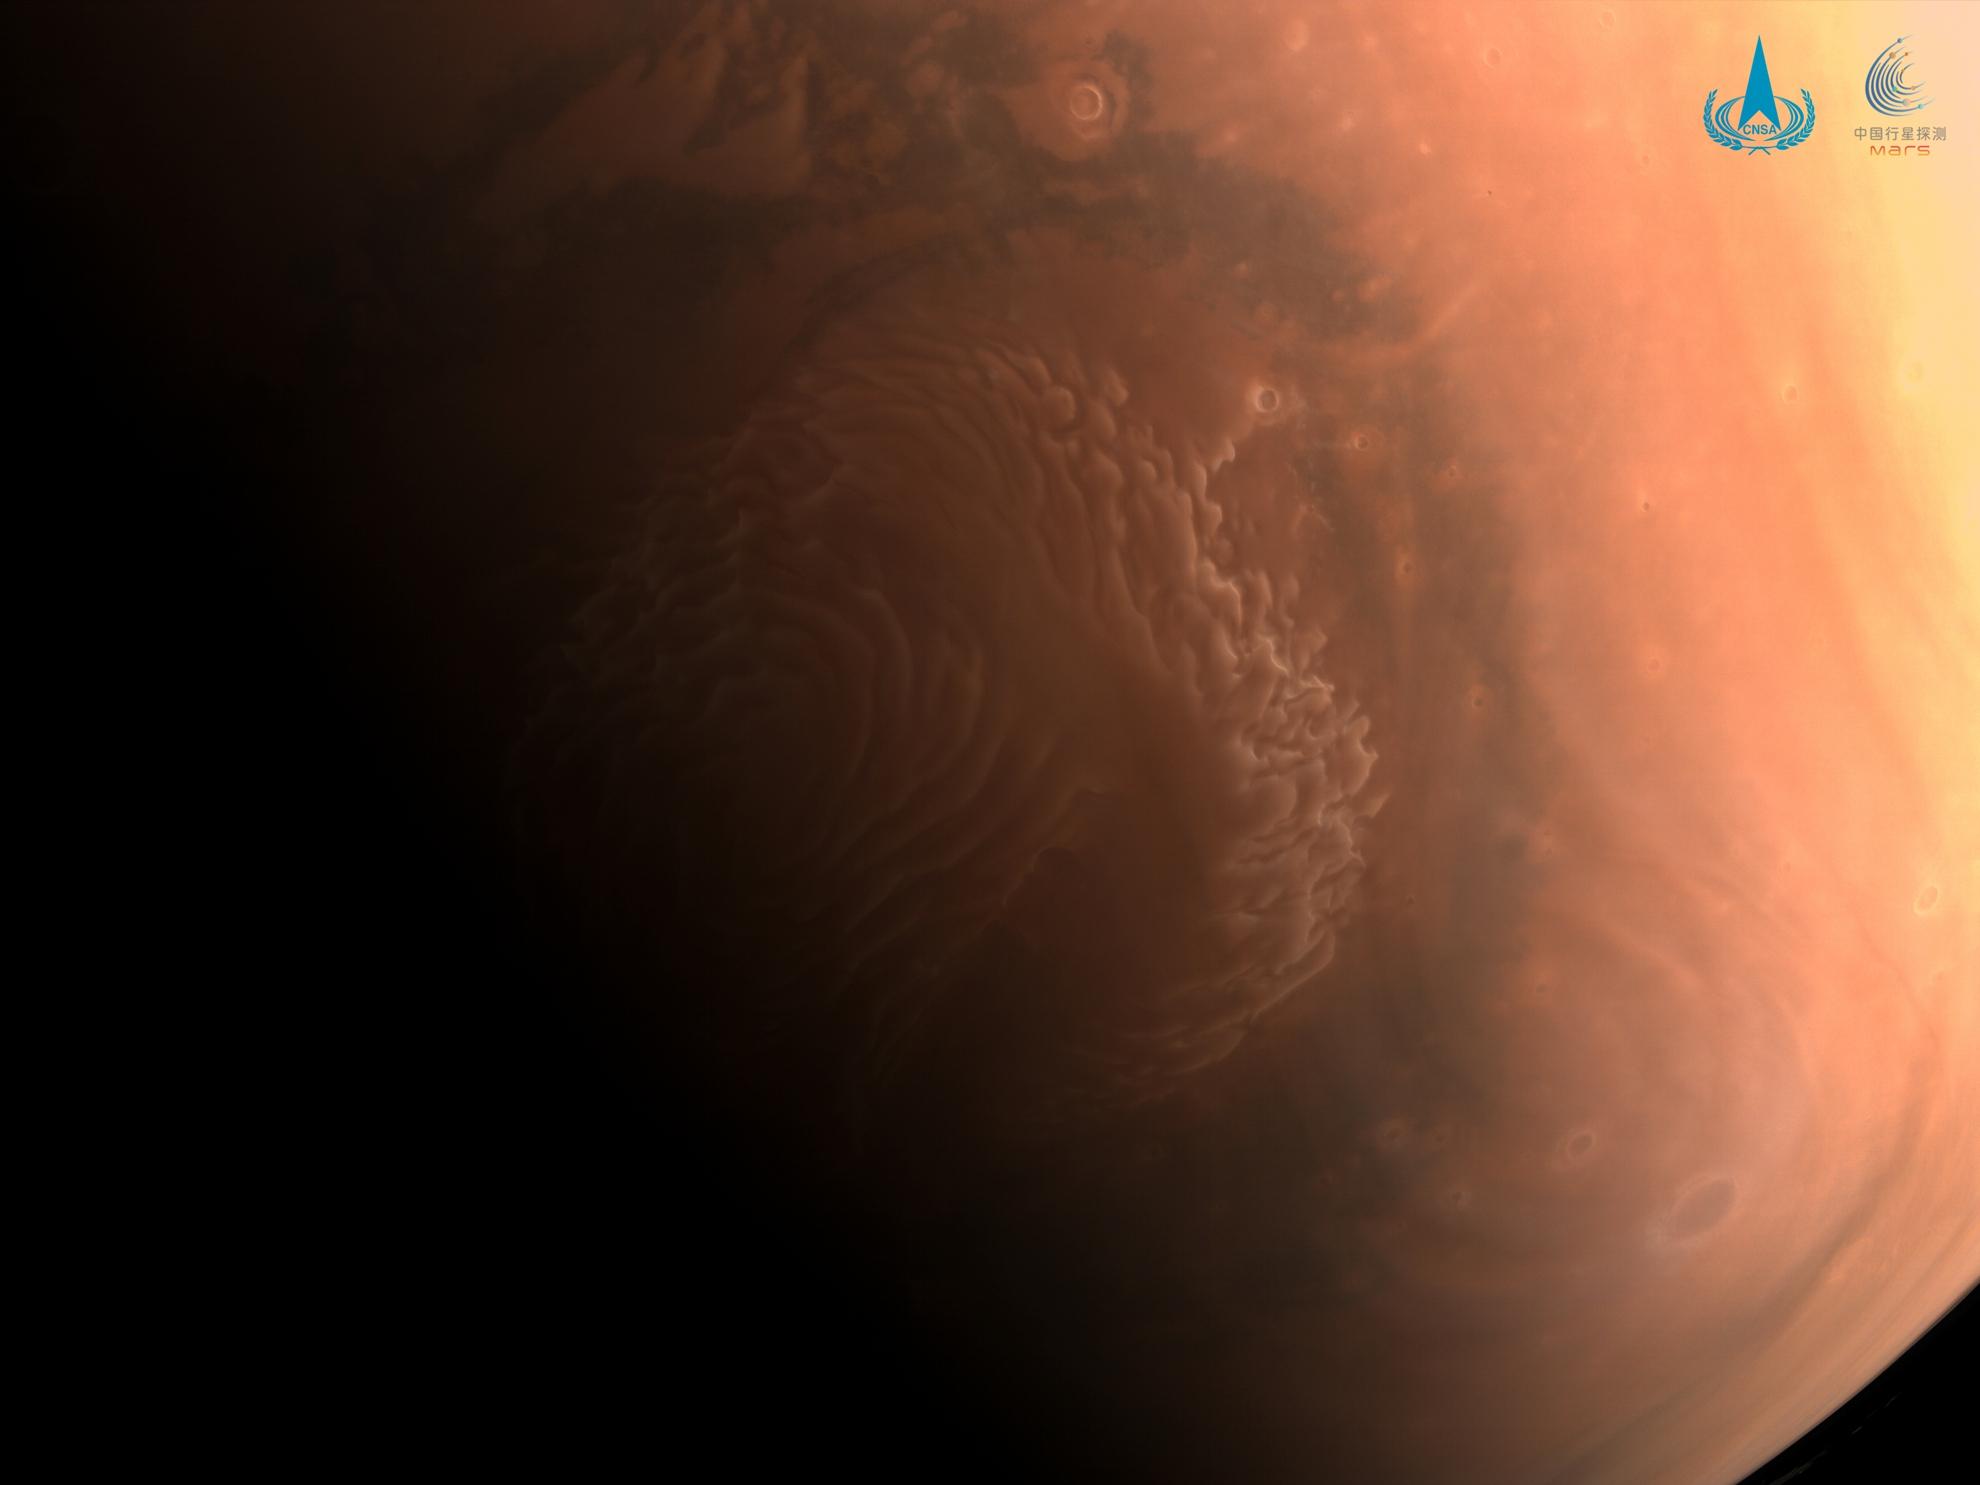 国家航天局发布天问一号探测器拍摄的高清火星影像